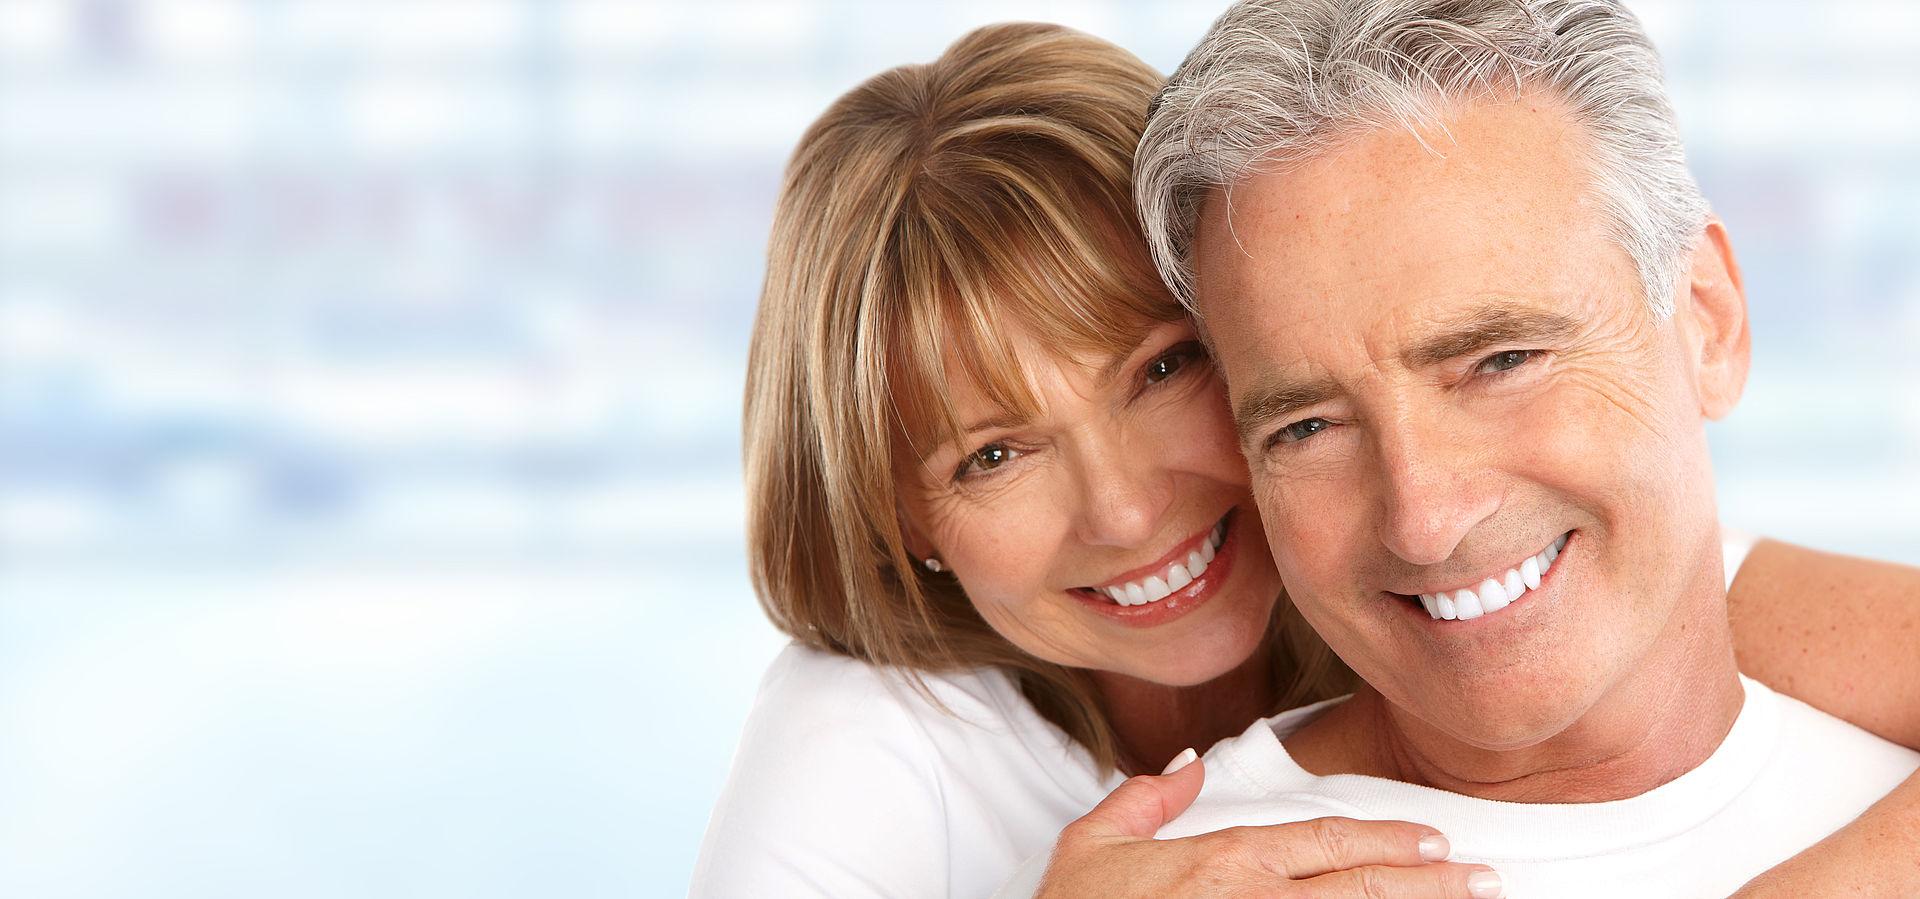 Întrebări frecvente privind utilizarea adezivilor pentru proteze dentare